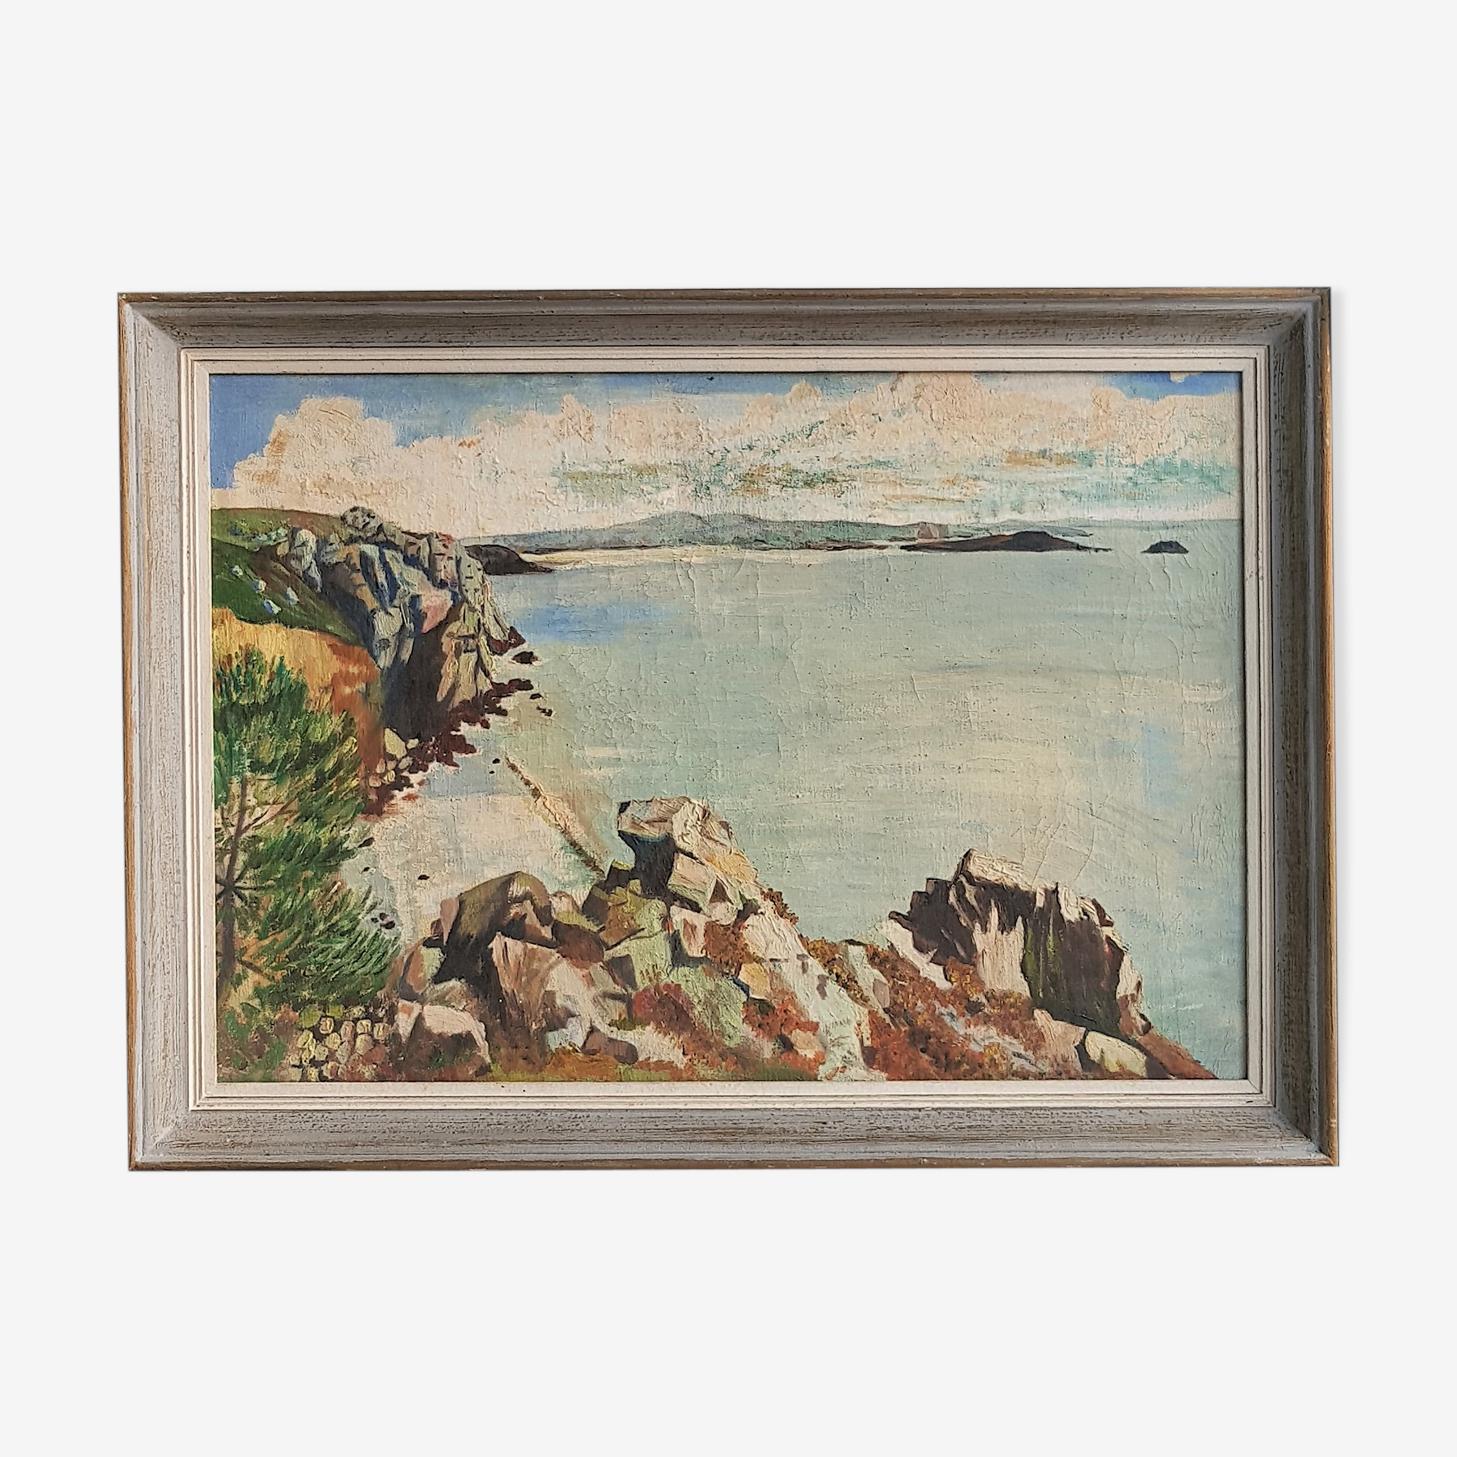 Peinture sur toile encadrée paysage bord de mer